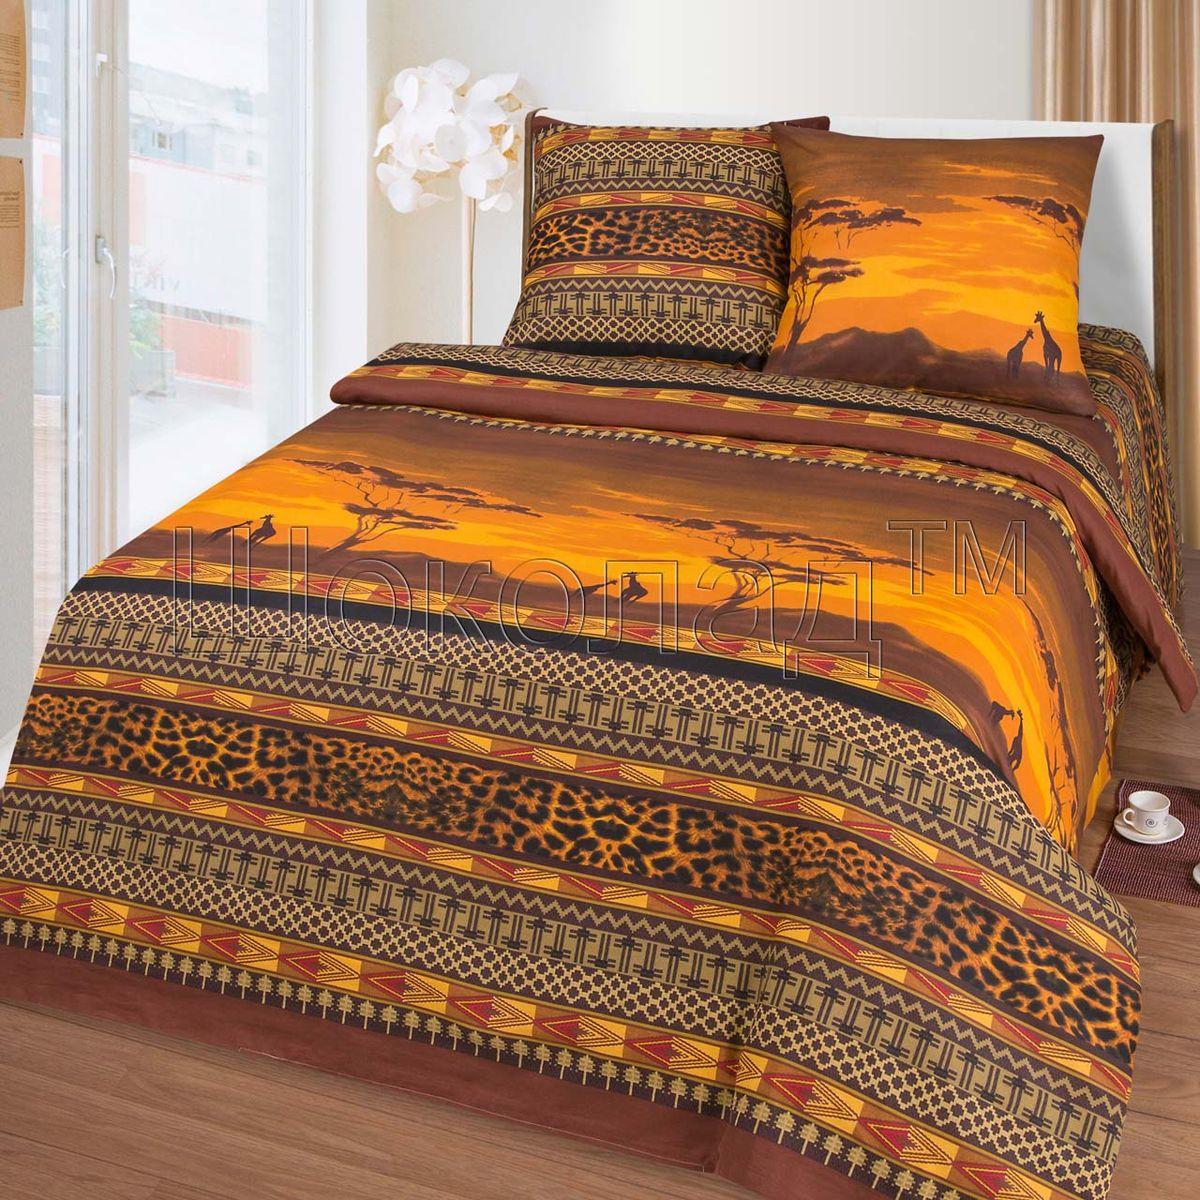 Комплект белья Шоколад Кения, 1,5-спальный, наволочки 70x70. Б100MT-1951Комплект постельного белья Шоколад Кения является экологически безопасным для всей семьи, так как выполнен из натурального хлопка. Комплект состоит из пододеяльника, простыни и двух наволочек. Постельное белье оформлено оригинальным рисунком и имеет изысканный внешний вид.Бязь - это ткань полотняного переплетения, изготовленная из экологически чистого и натурального 100% хлопка. Она прочная, мягкая, обладает низкой сминаемостью, легко стирается и хорошо гладится. Бязь прекрасно пропускает воздух и за ней легко ухаживать. При соблюдении рекомендуемых условий стирки, сушки и глажения ткань имеет усадку по ГОСТу, сохранятся яркость текстильных рисунков. Приобретая комплект постельного белья Шоколад  Кения вы можете быть уверены в том, что покупка доставит вам и вашим близким удовольствие и подарит максимальный комфорт.